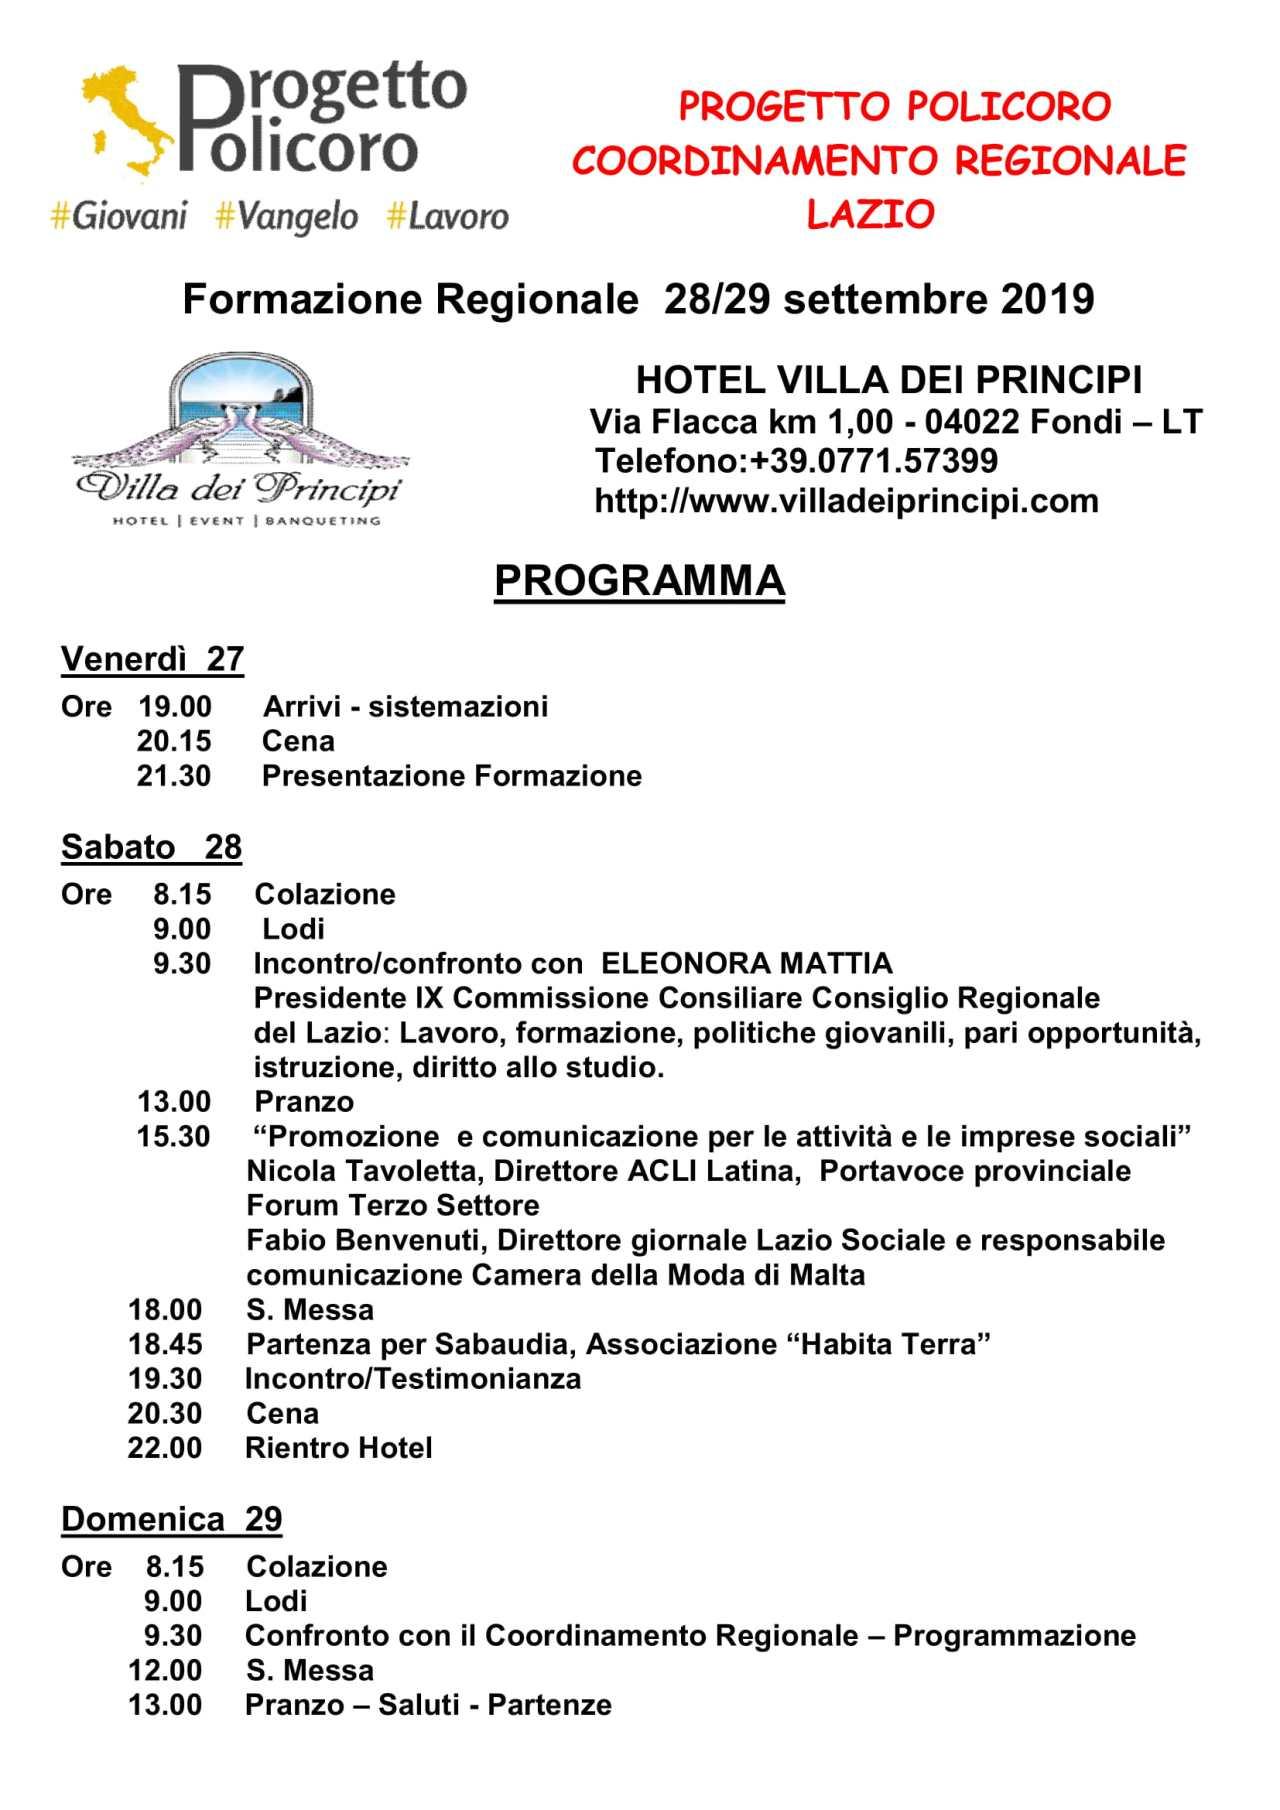 PROGRAMMA Formazione Regionale 28 e 29 settembre 2019-1